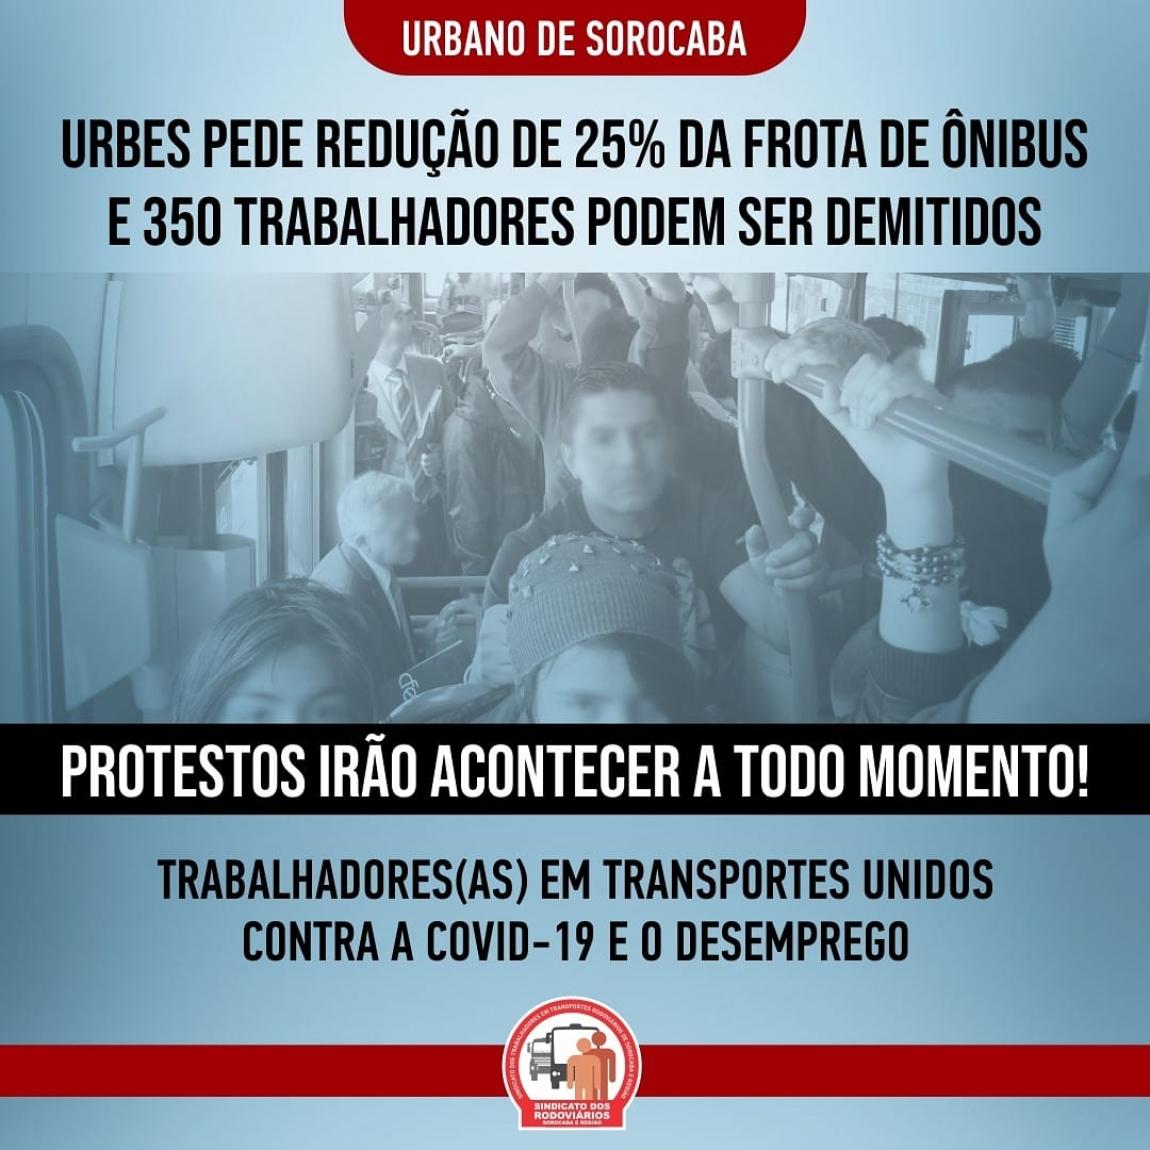 Imagem de Sorocaba: Sindicato dos Rodoviários repudia posição da URBES em reduzir 25% da frota de ônibus